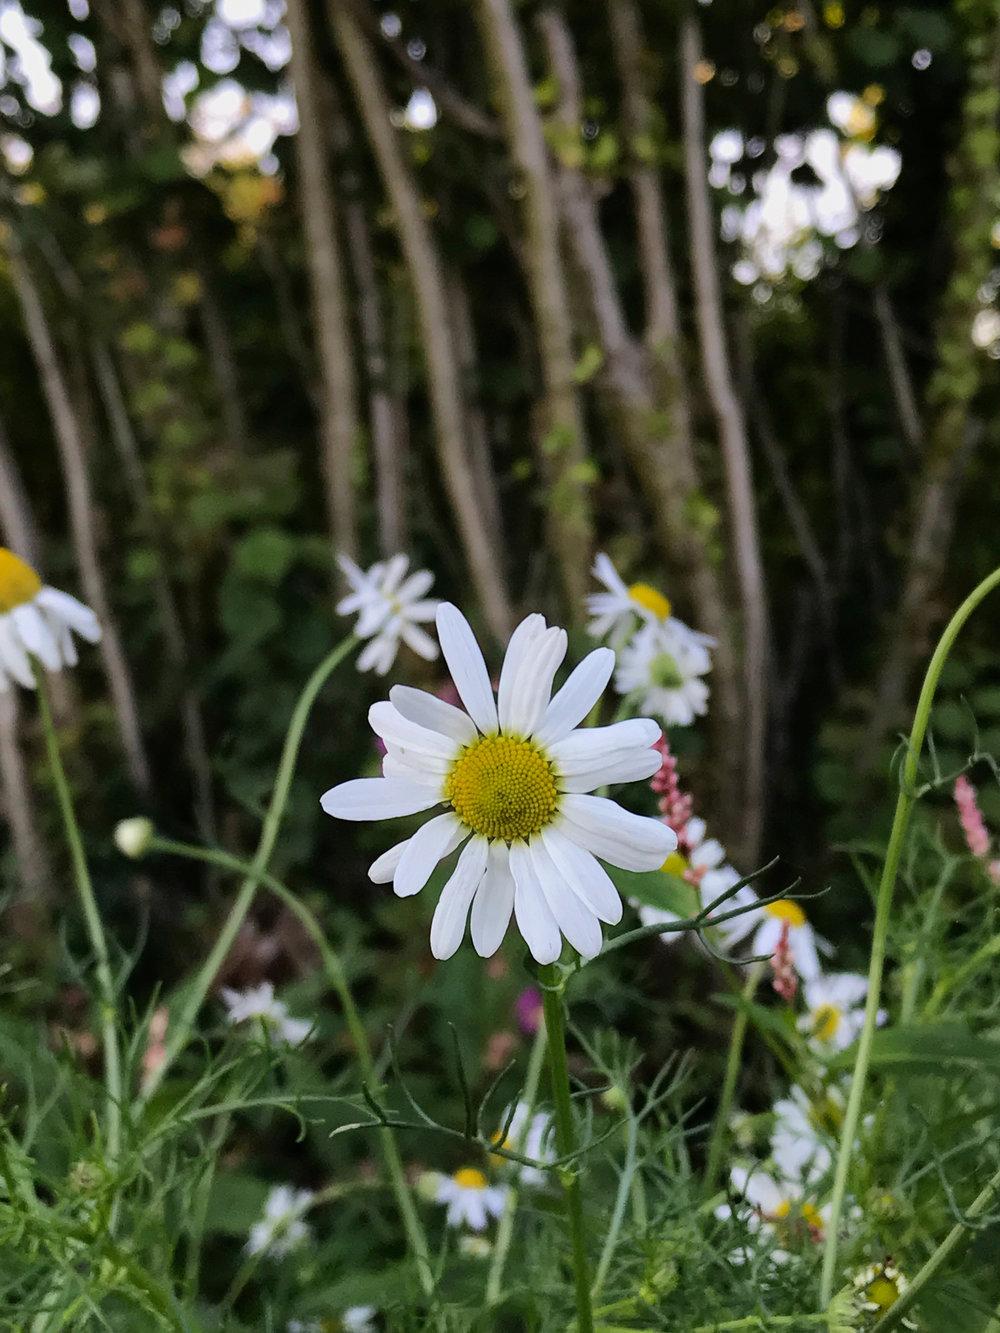 Daisy shot with Camera+ macro setting.